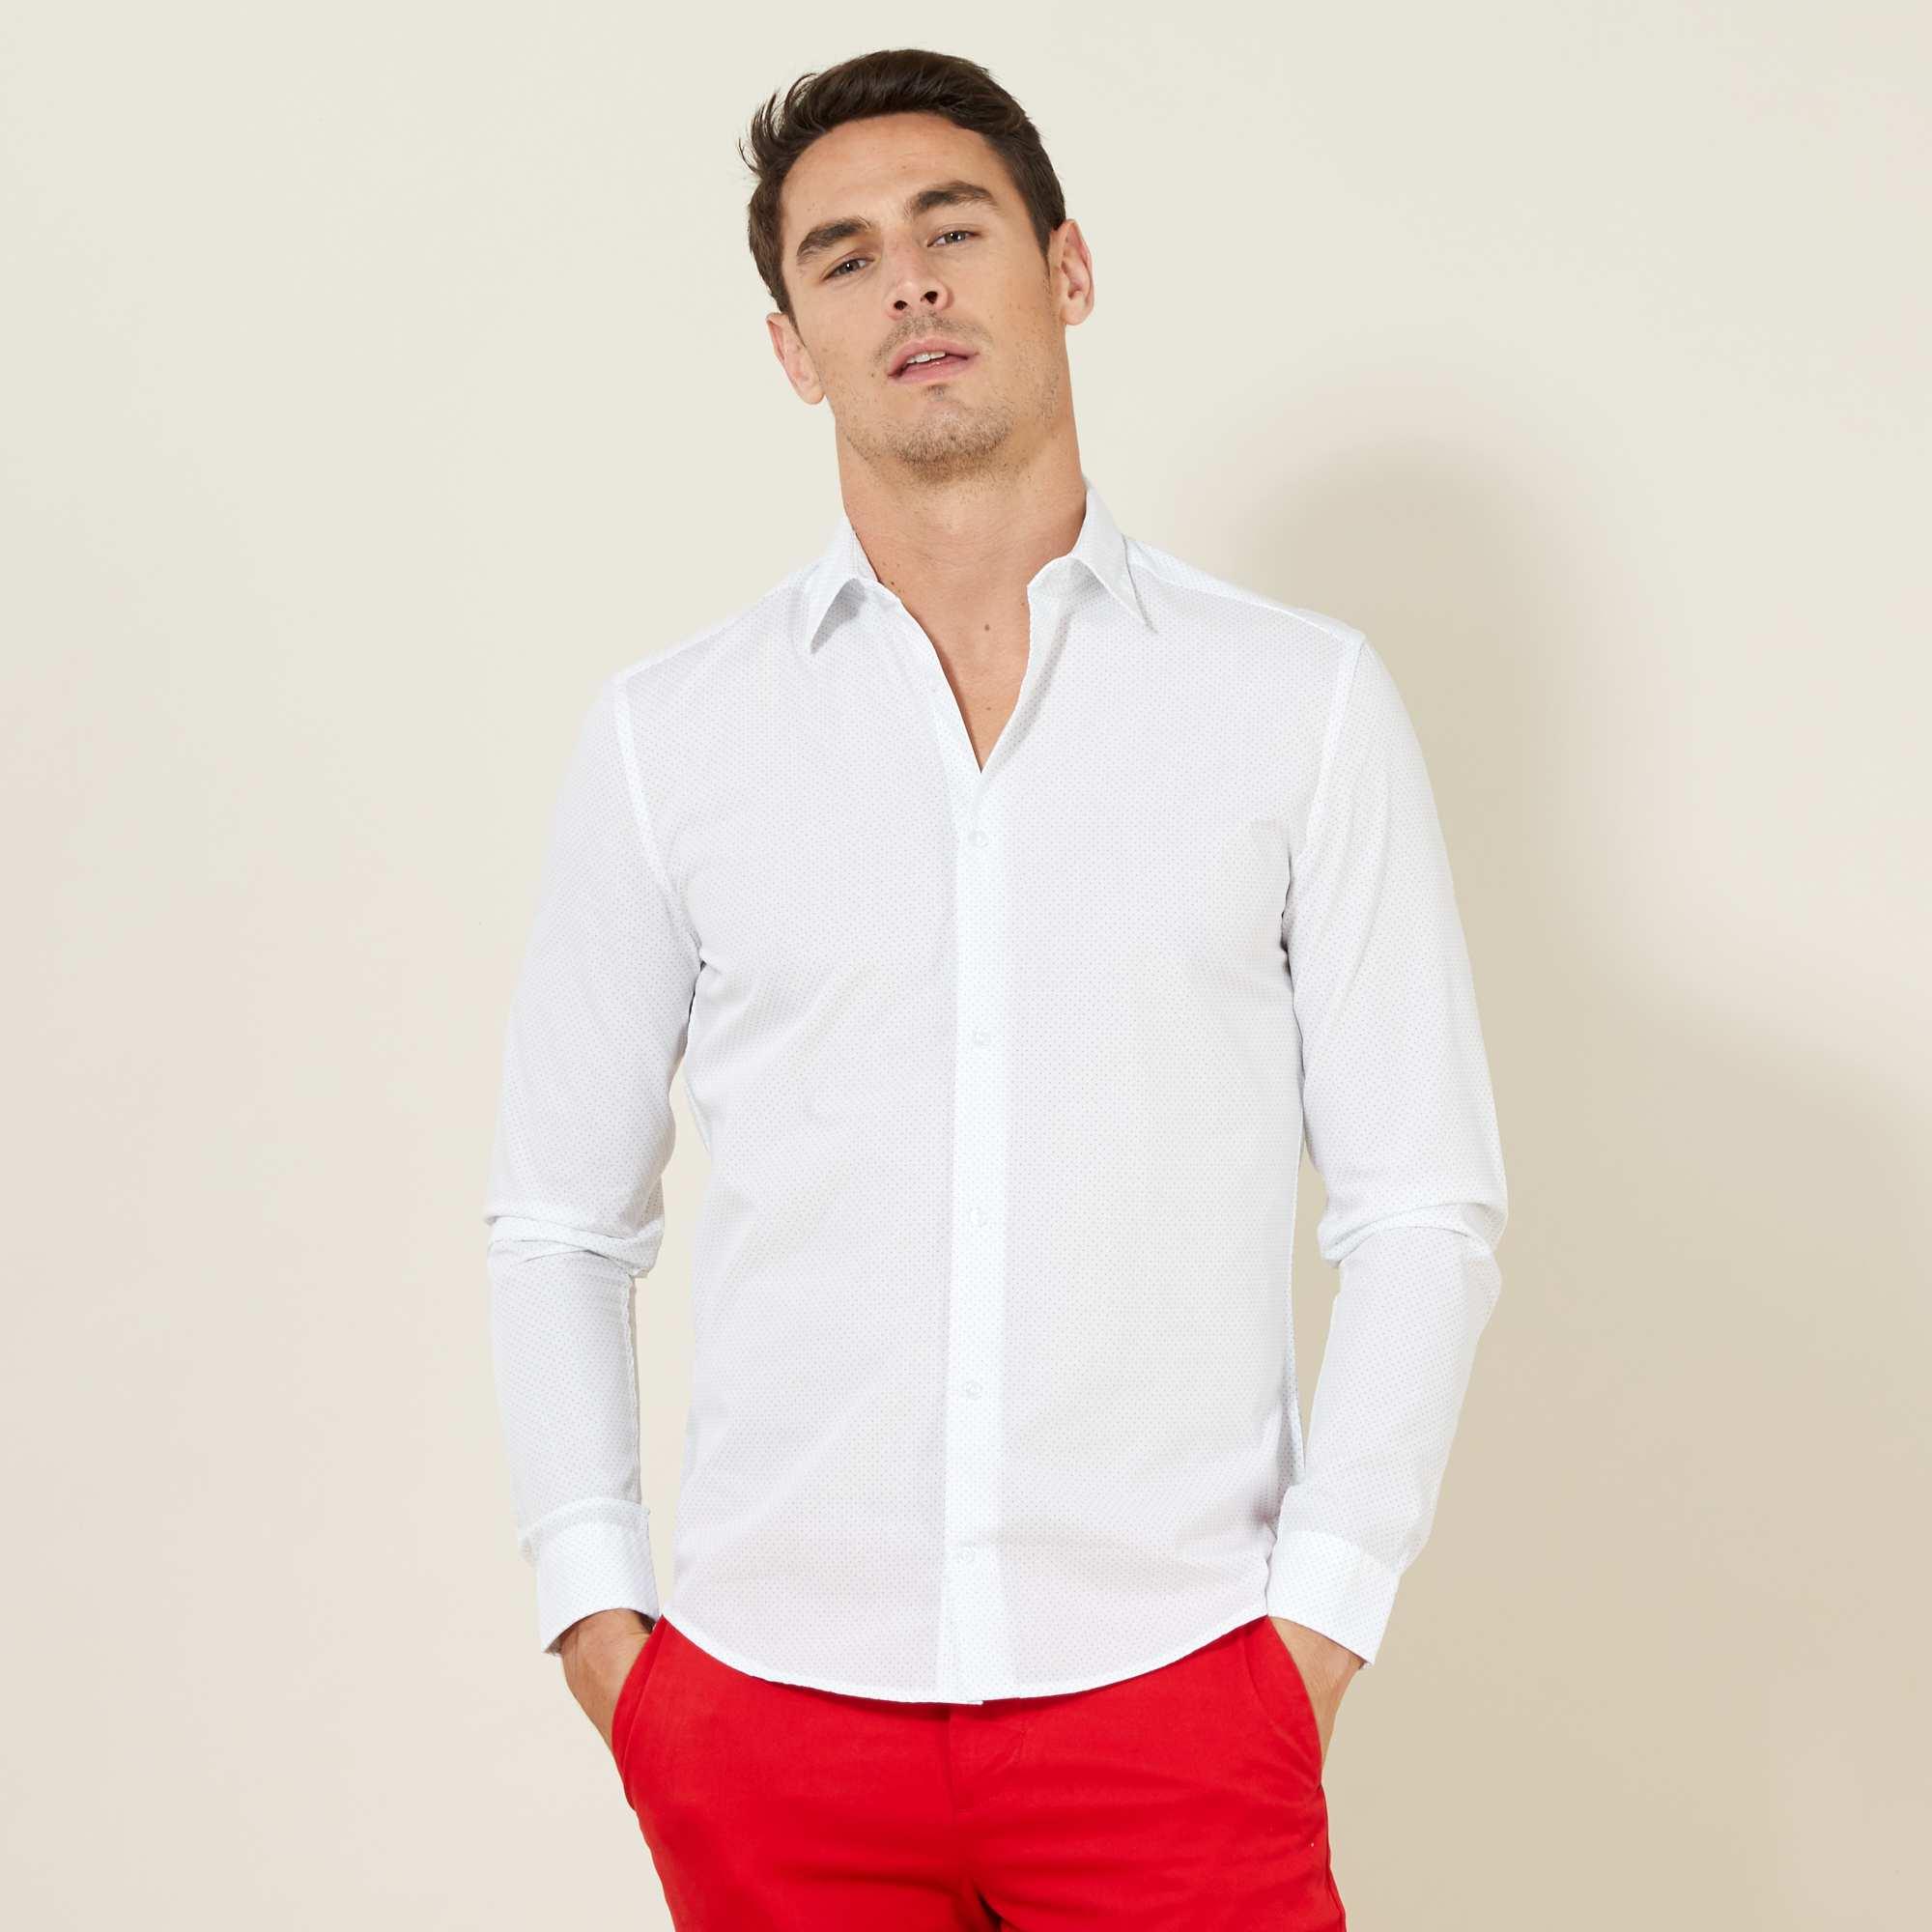 Couleur : blanc pois, , ,, - Taille : XL, L, XXL,M,SLa coupe ajustée et le micro motif 'pois' discret font de cette chemise un must-have du